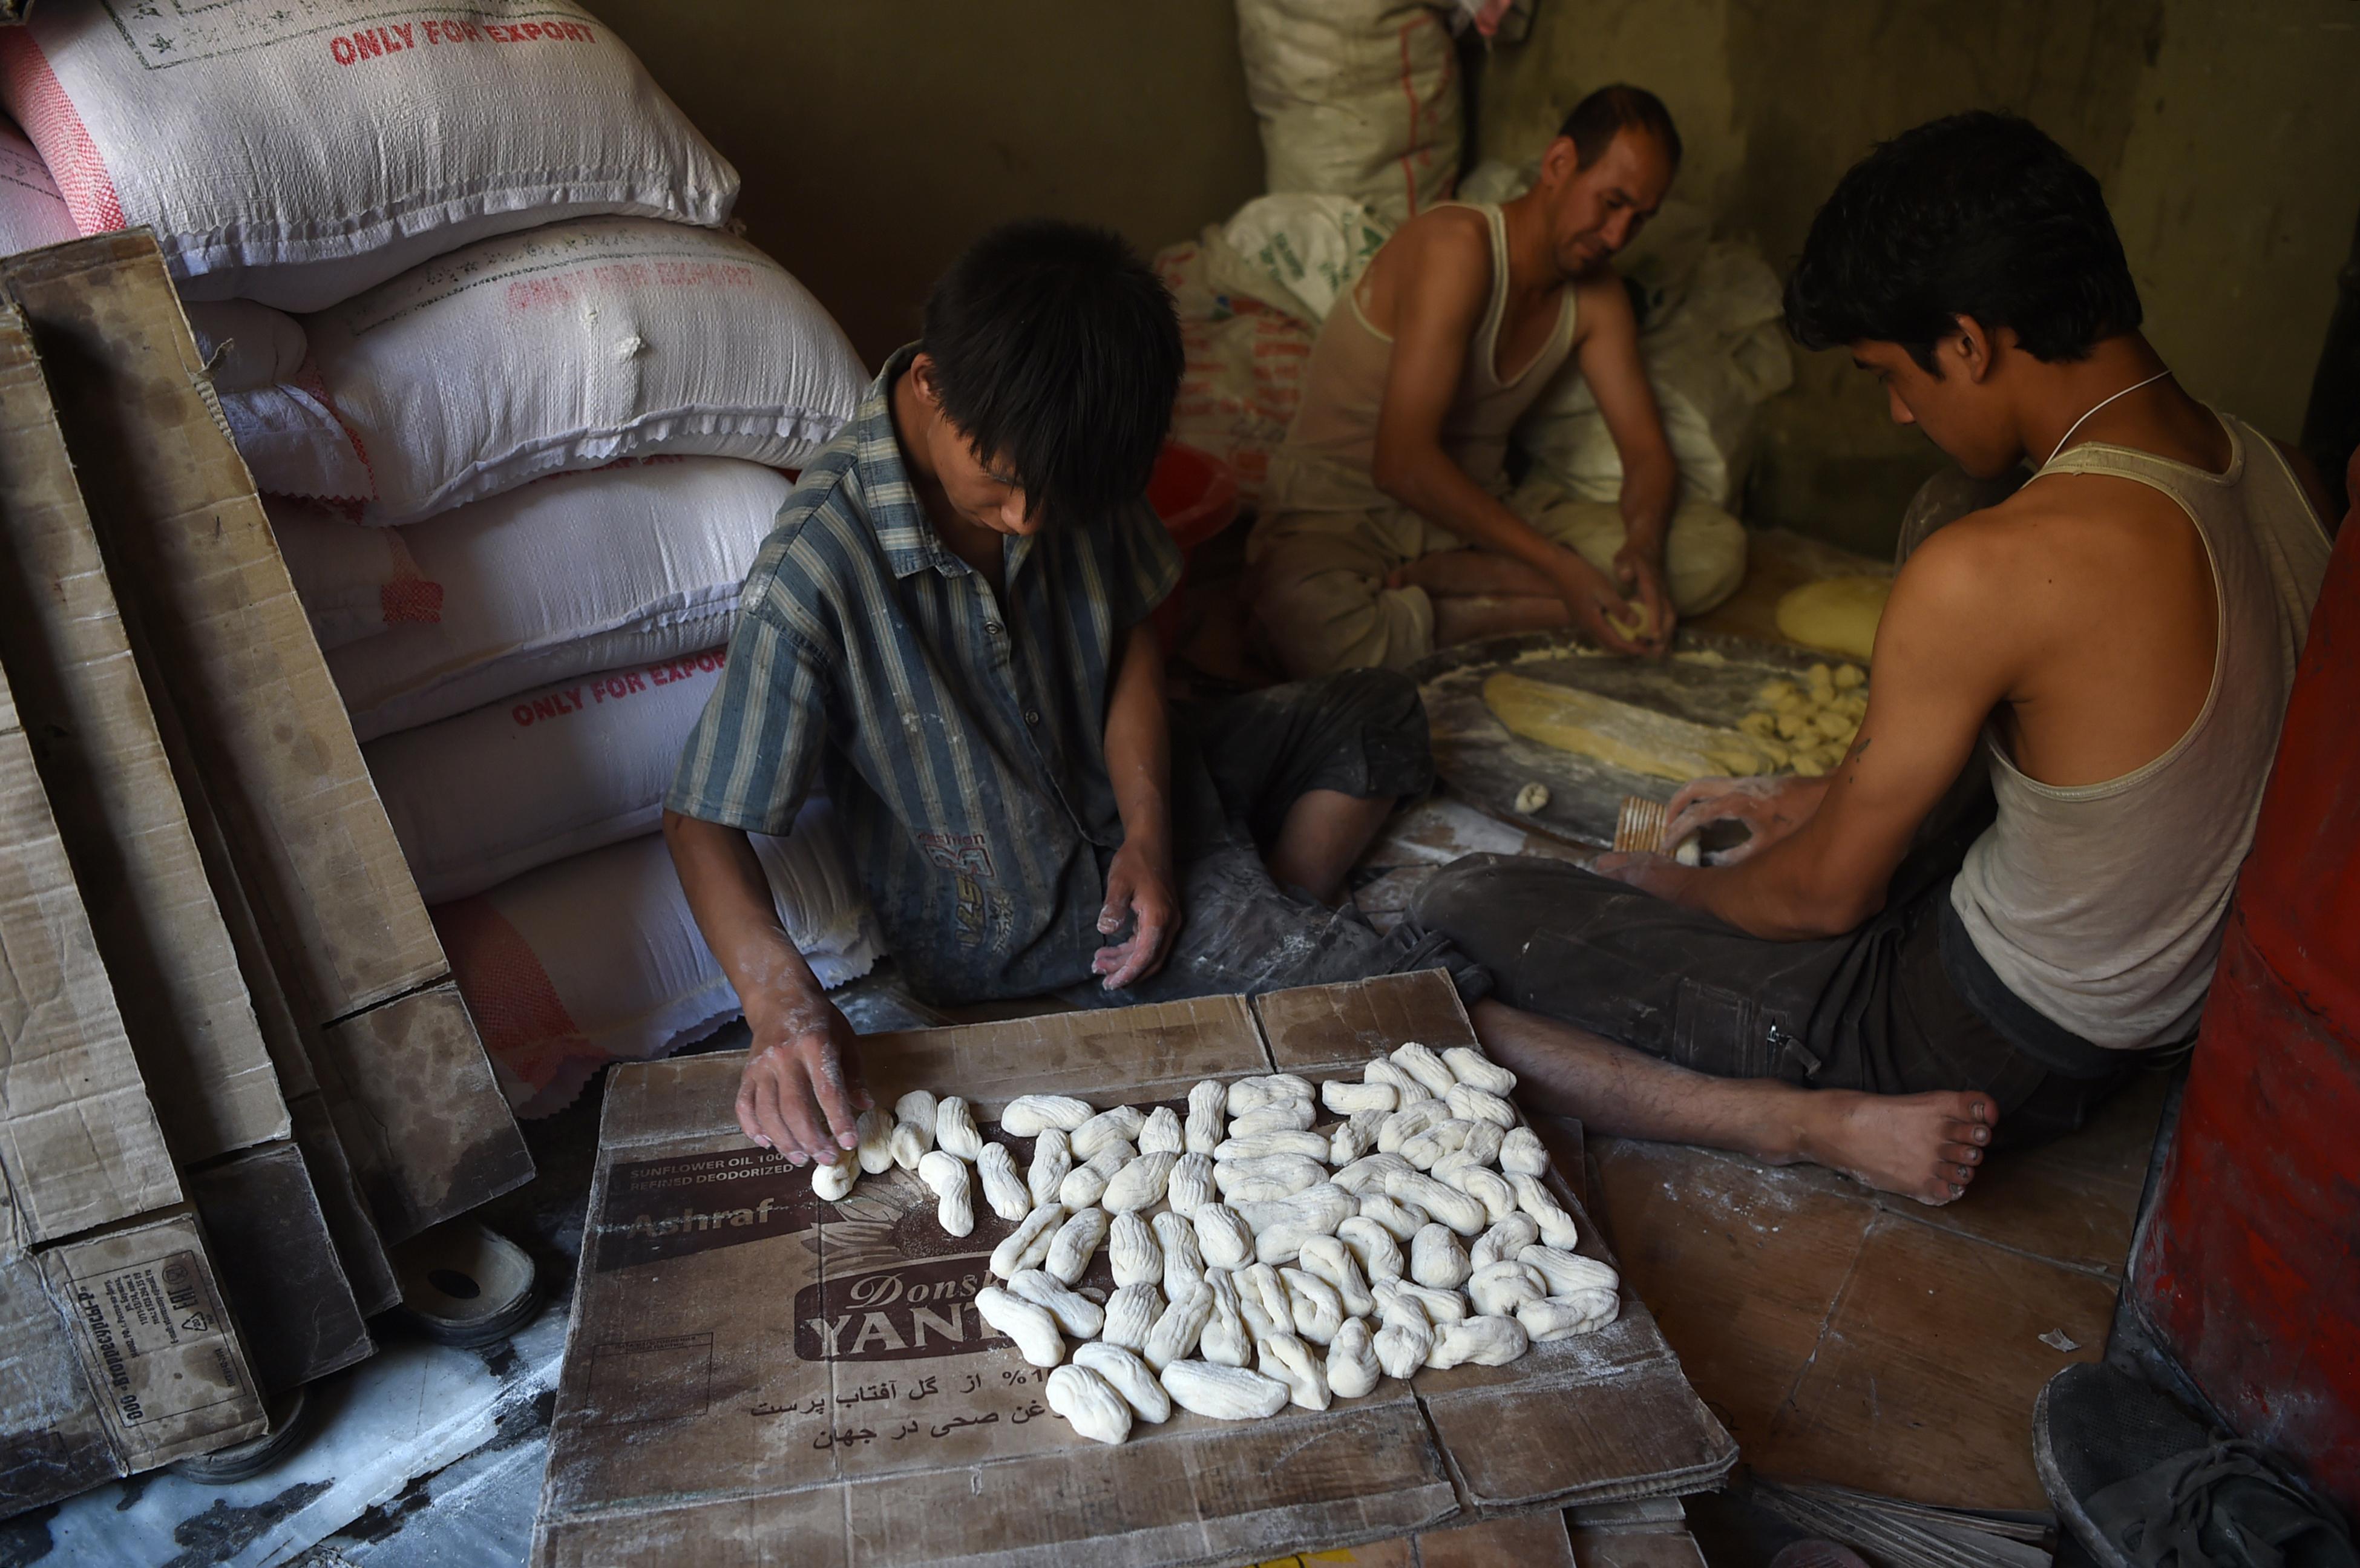 عمال أفغان يقومون بتحضير حلوى خاجور التقليدية تحضيرا للعيد في كابول